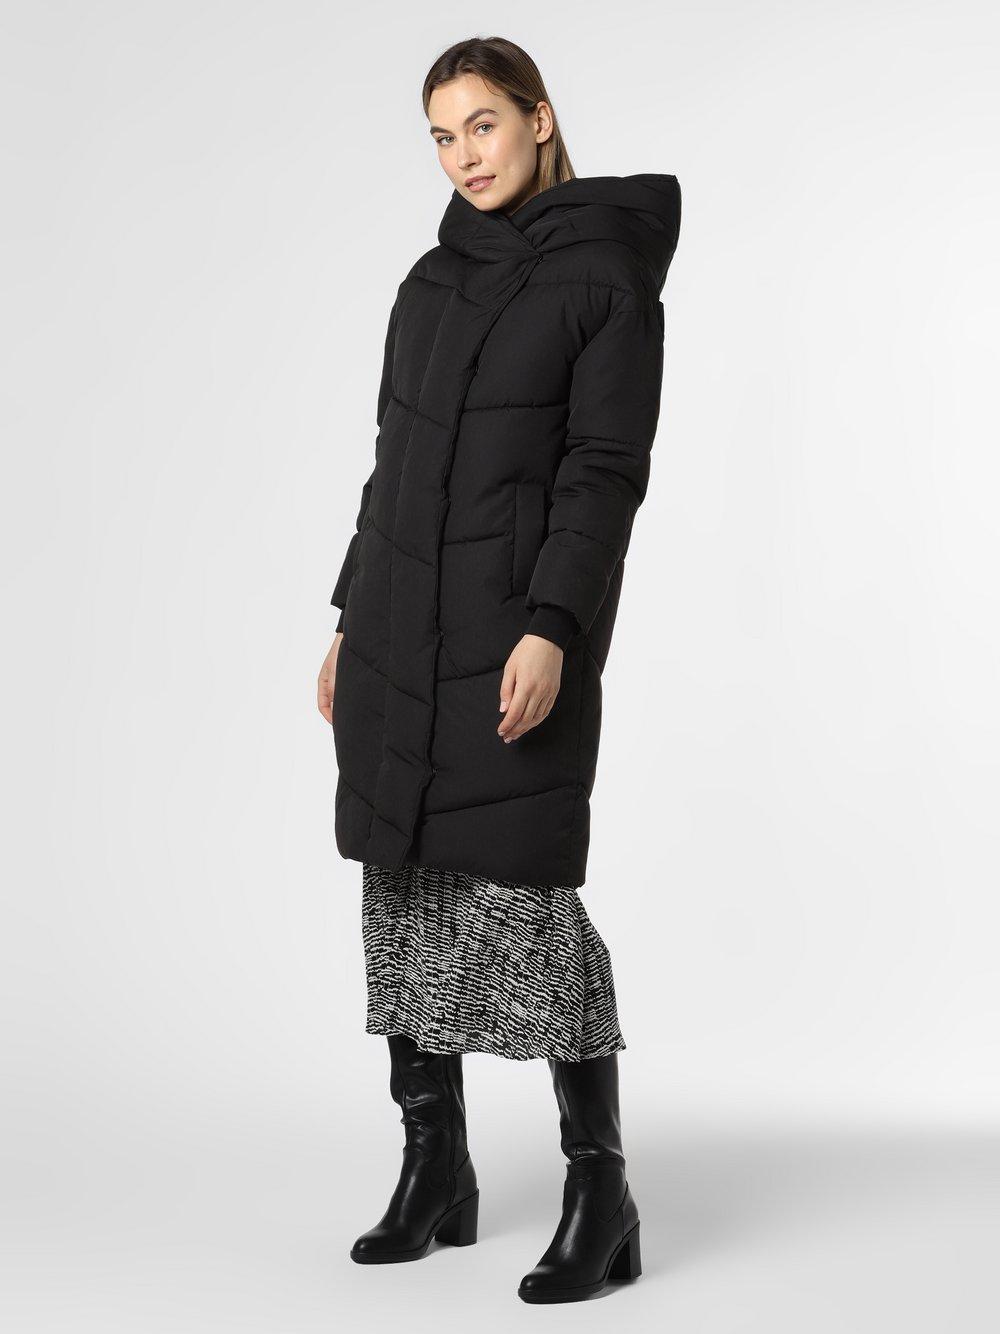 Noisy May - Damski płaszcz pikowany – Tally, czarny